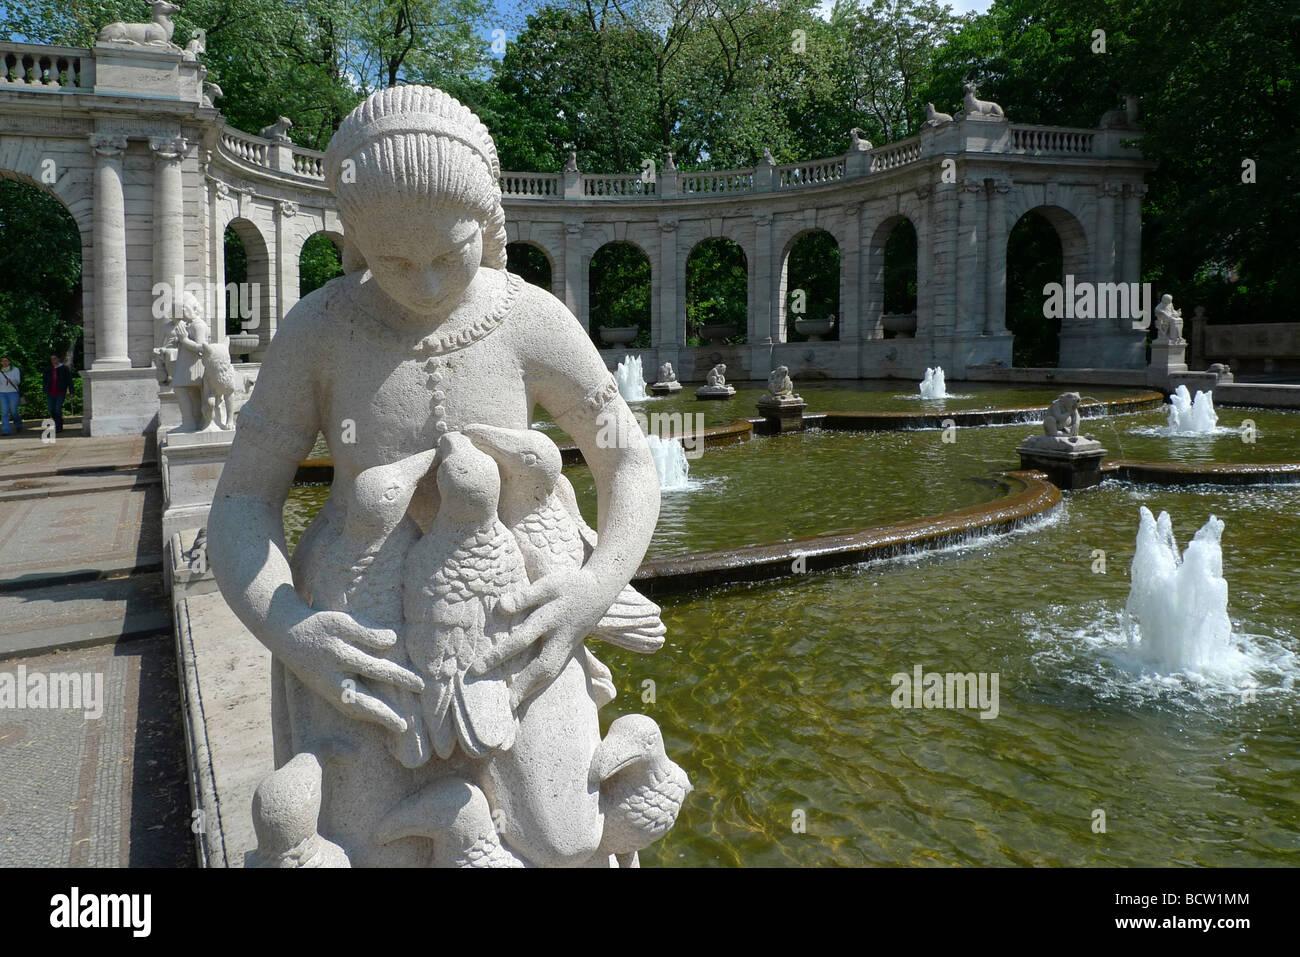 Cinderella, Maerchenbrunnen Fairy Tale Fountain, Volkspark am Friedrichshain, Friedrichshain district, Berlin, Germany, - Stock Image